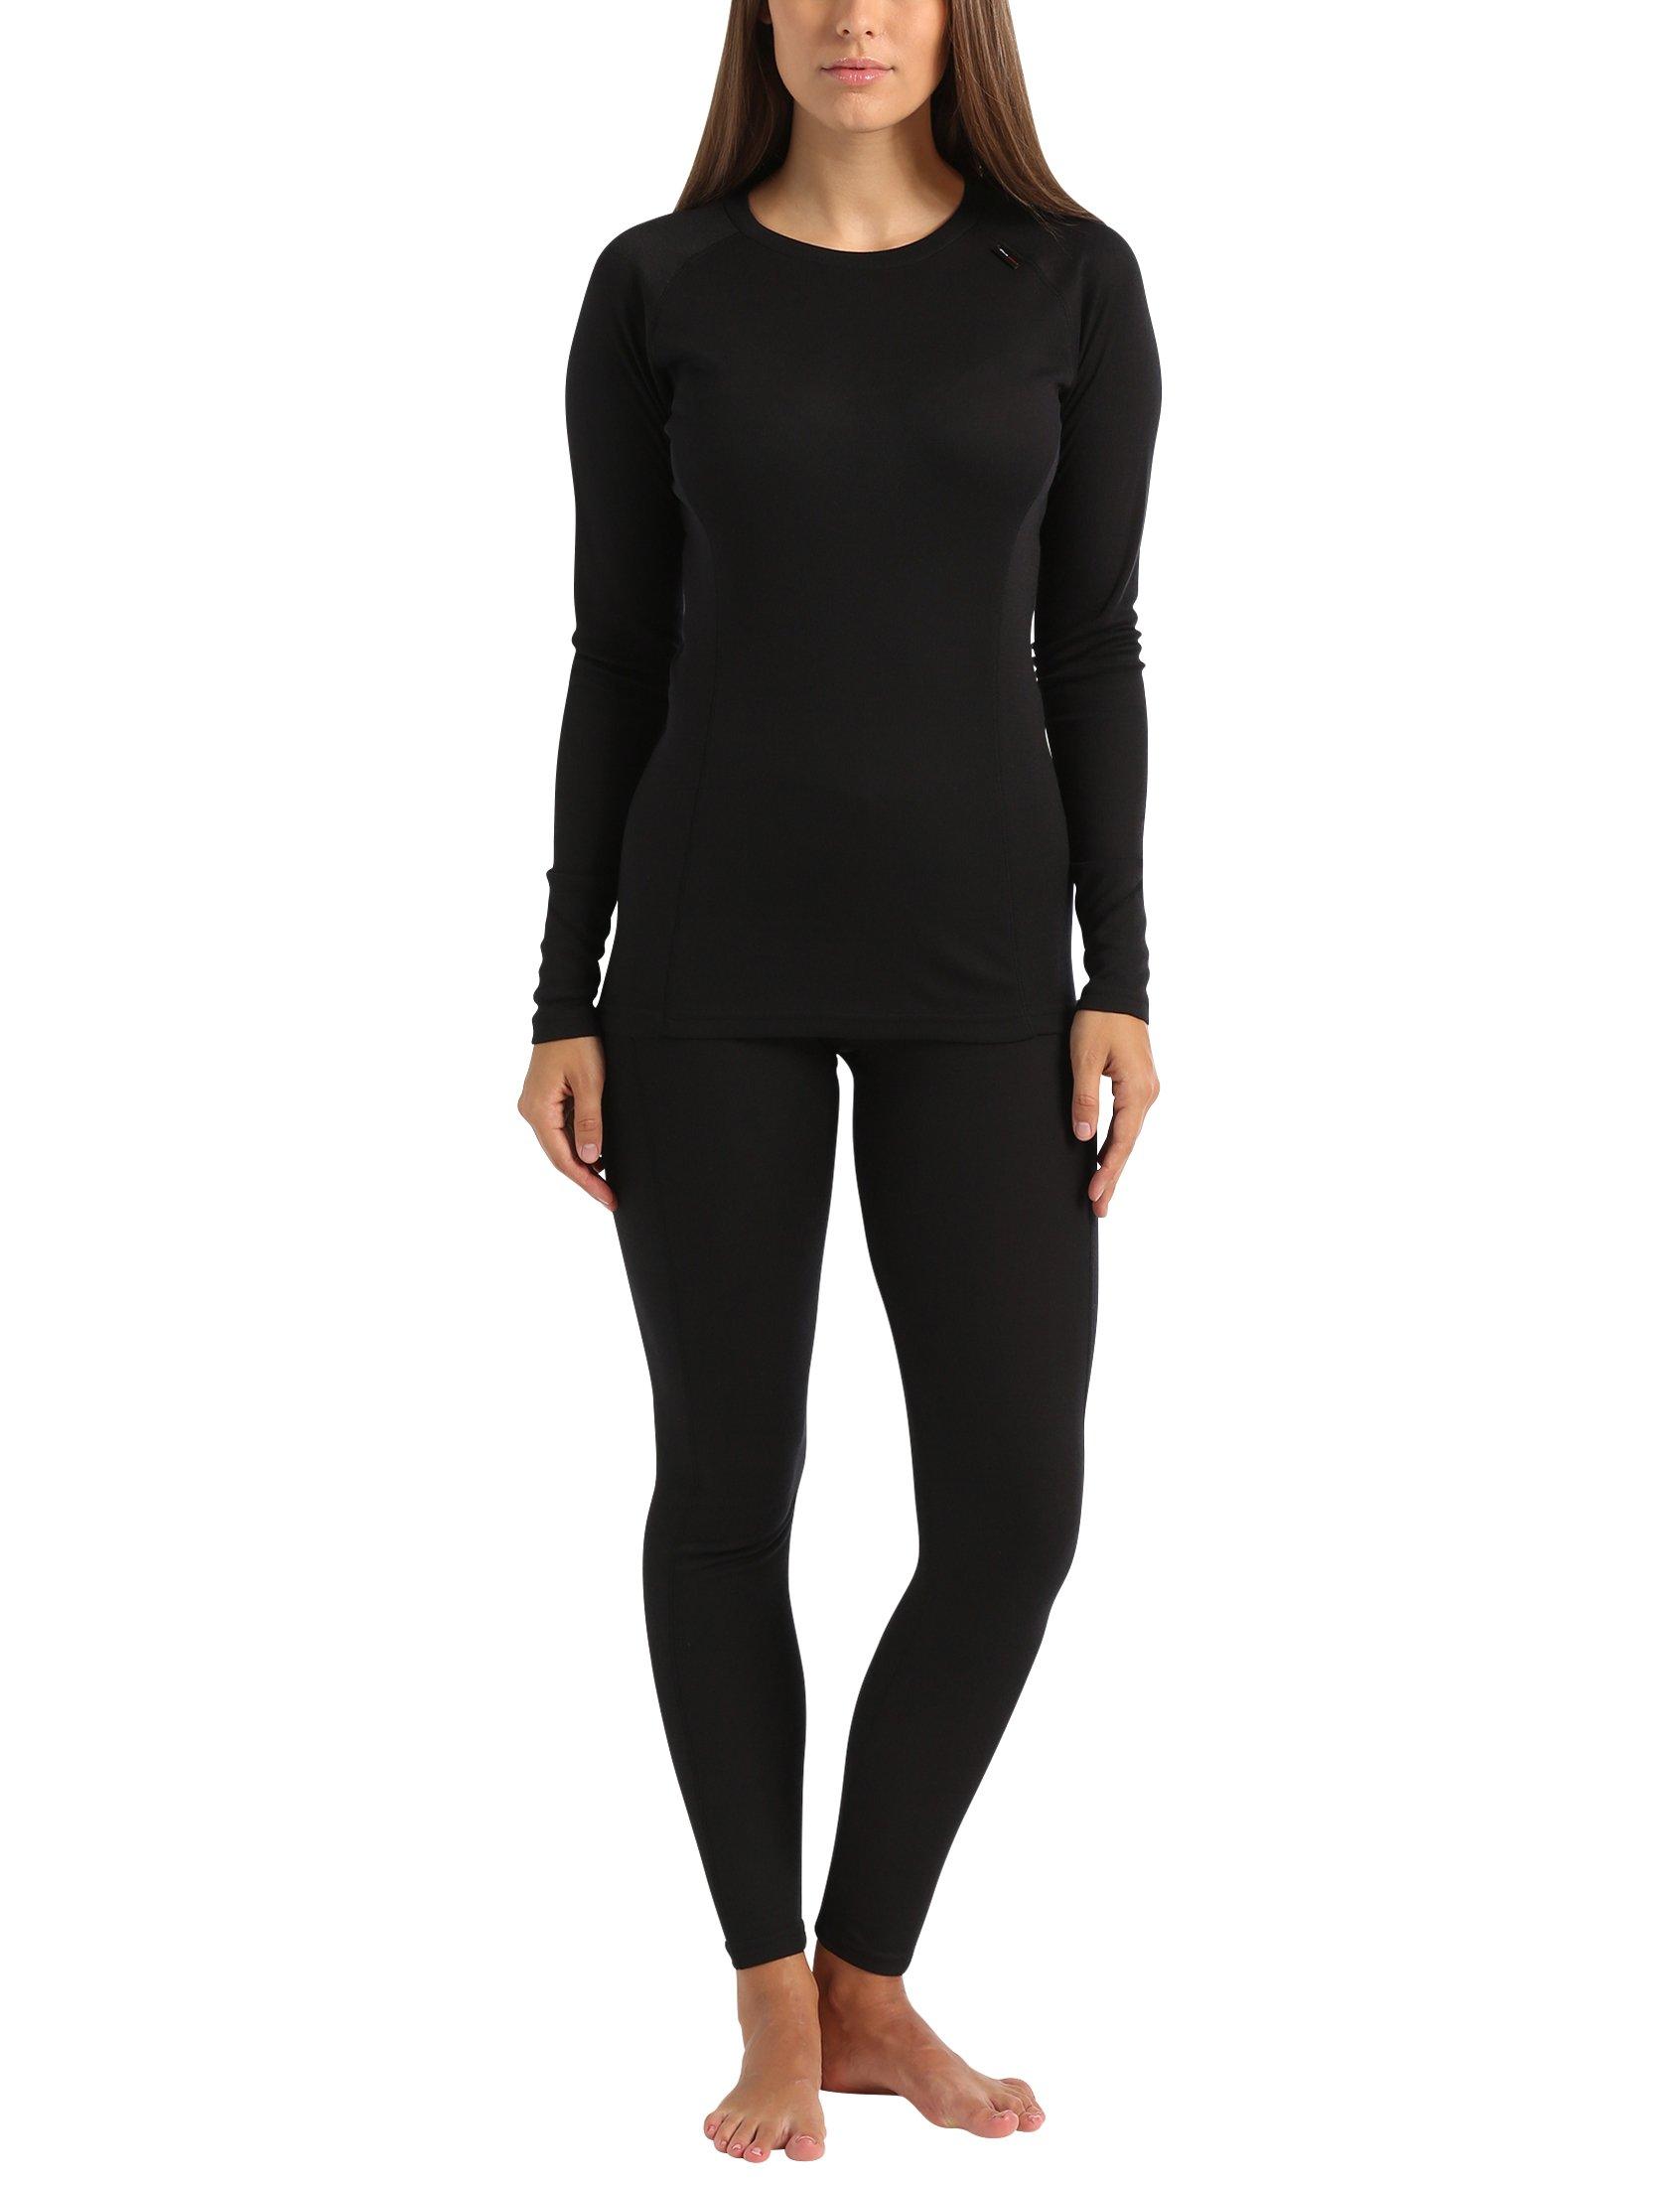 Ultrasport Ensemble de sous-Vêtements Thermiques pour Femme - t-Shirt et Collant Fonctionnels - sous-Vêtements Fonctionnels - sous-Vêtements de Ski product image